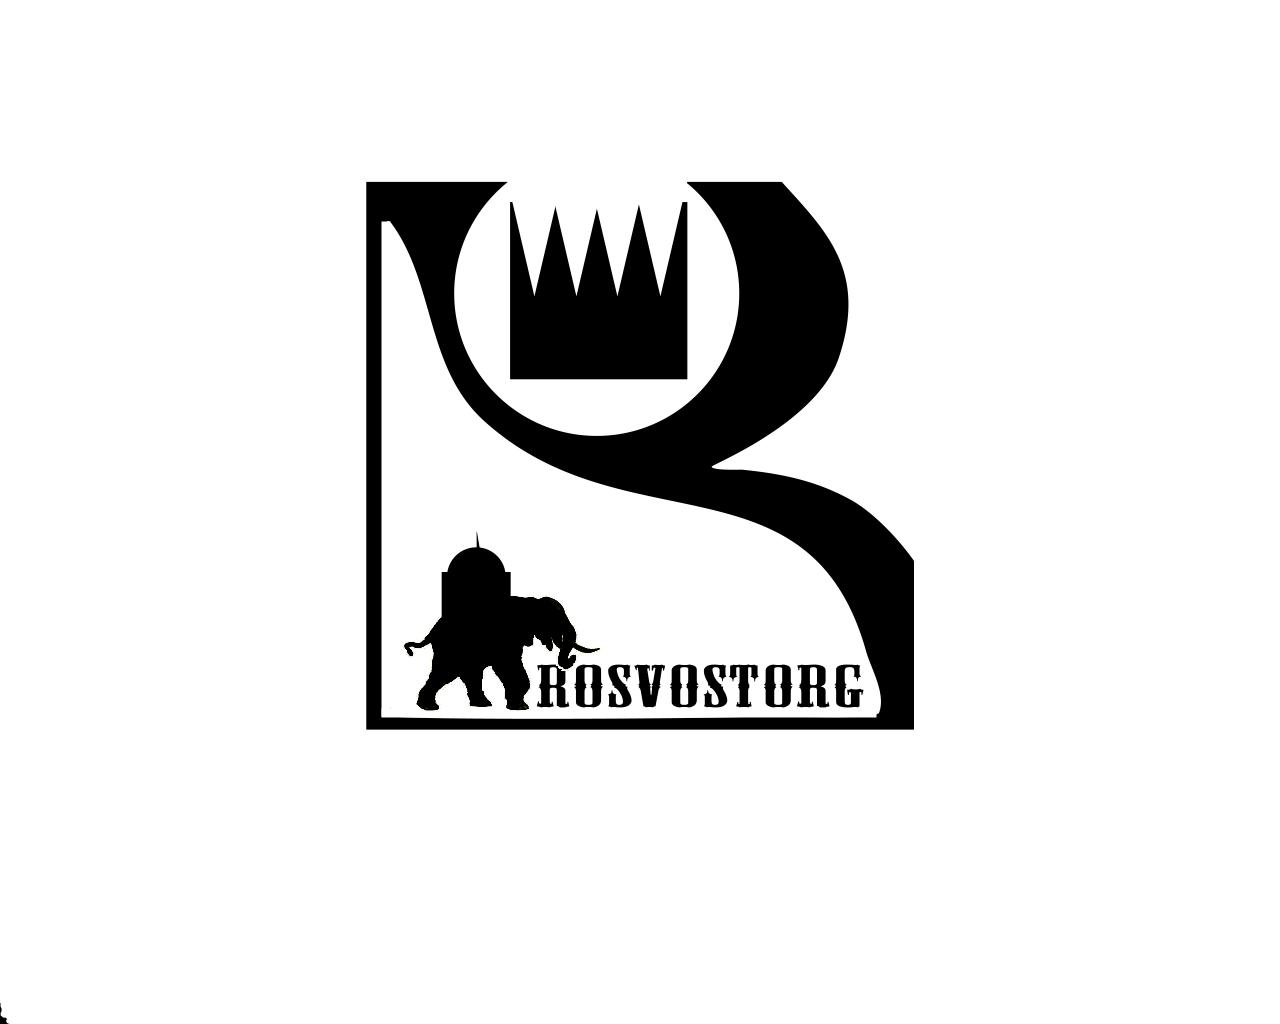 Логотип для компании Росвосторг. Интересные перспективы. фото f_4f853fd37fbdc.png